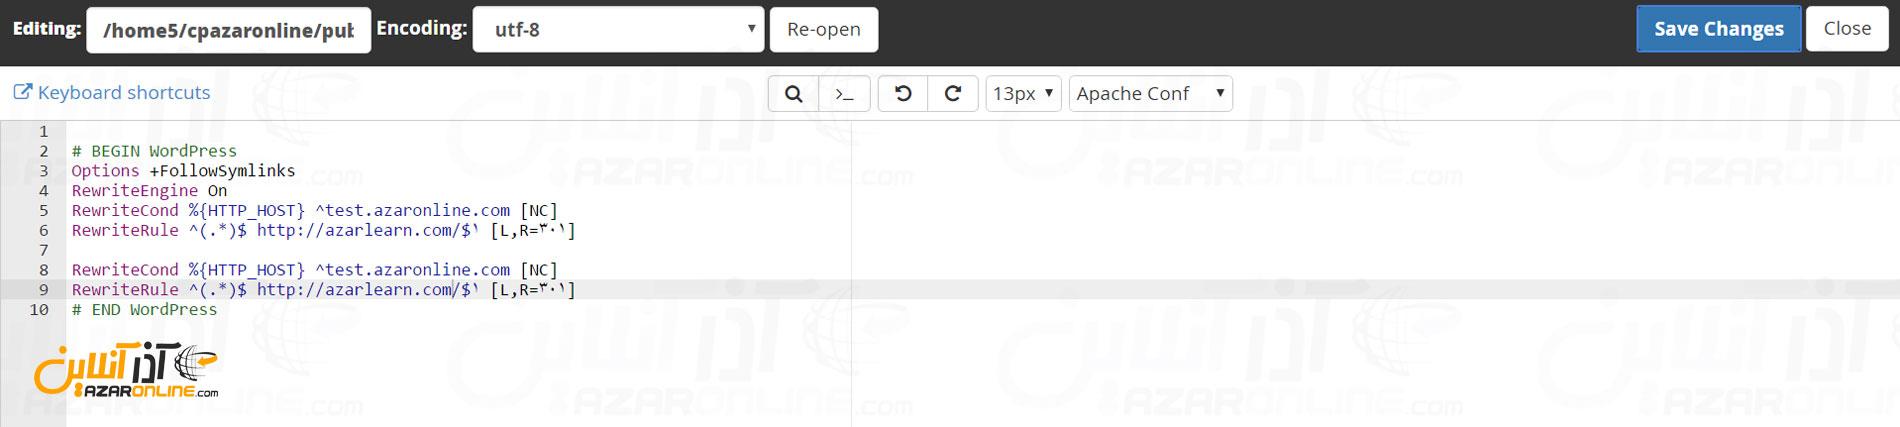 ریدایرکت دامنه بدون تغییر در رتبه گوگل - وارد کردن کد ها در htaccess